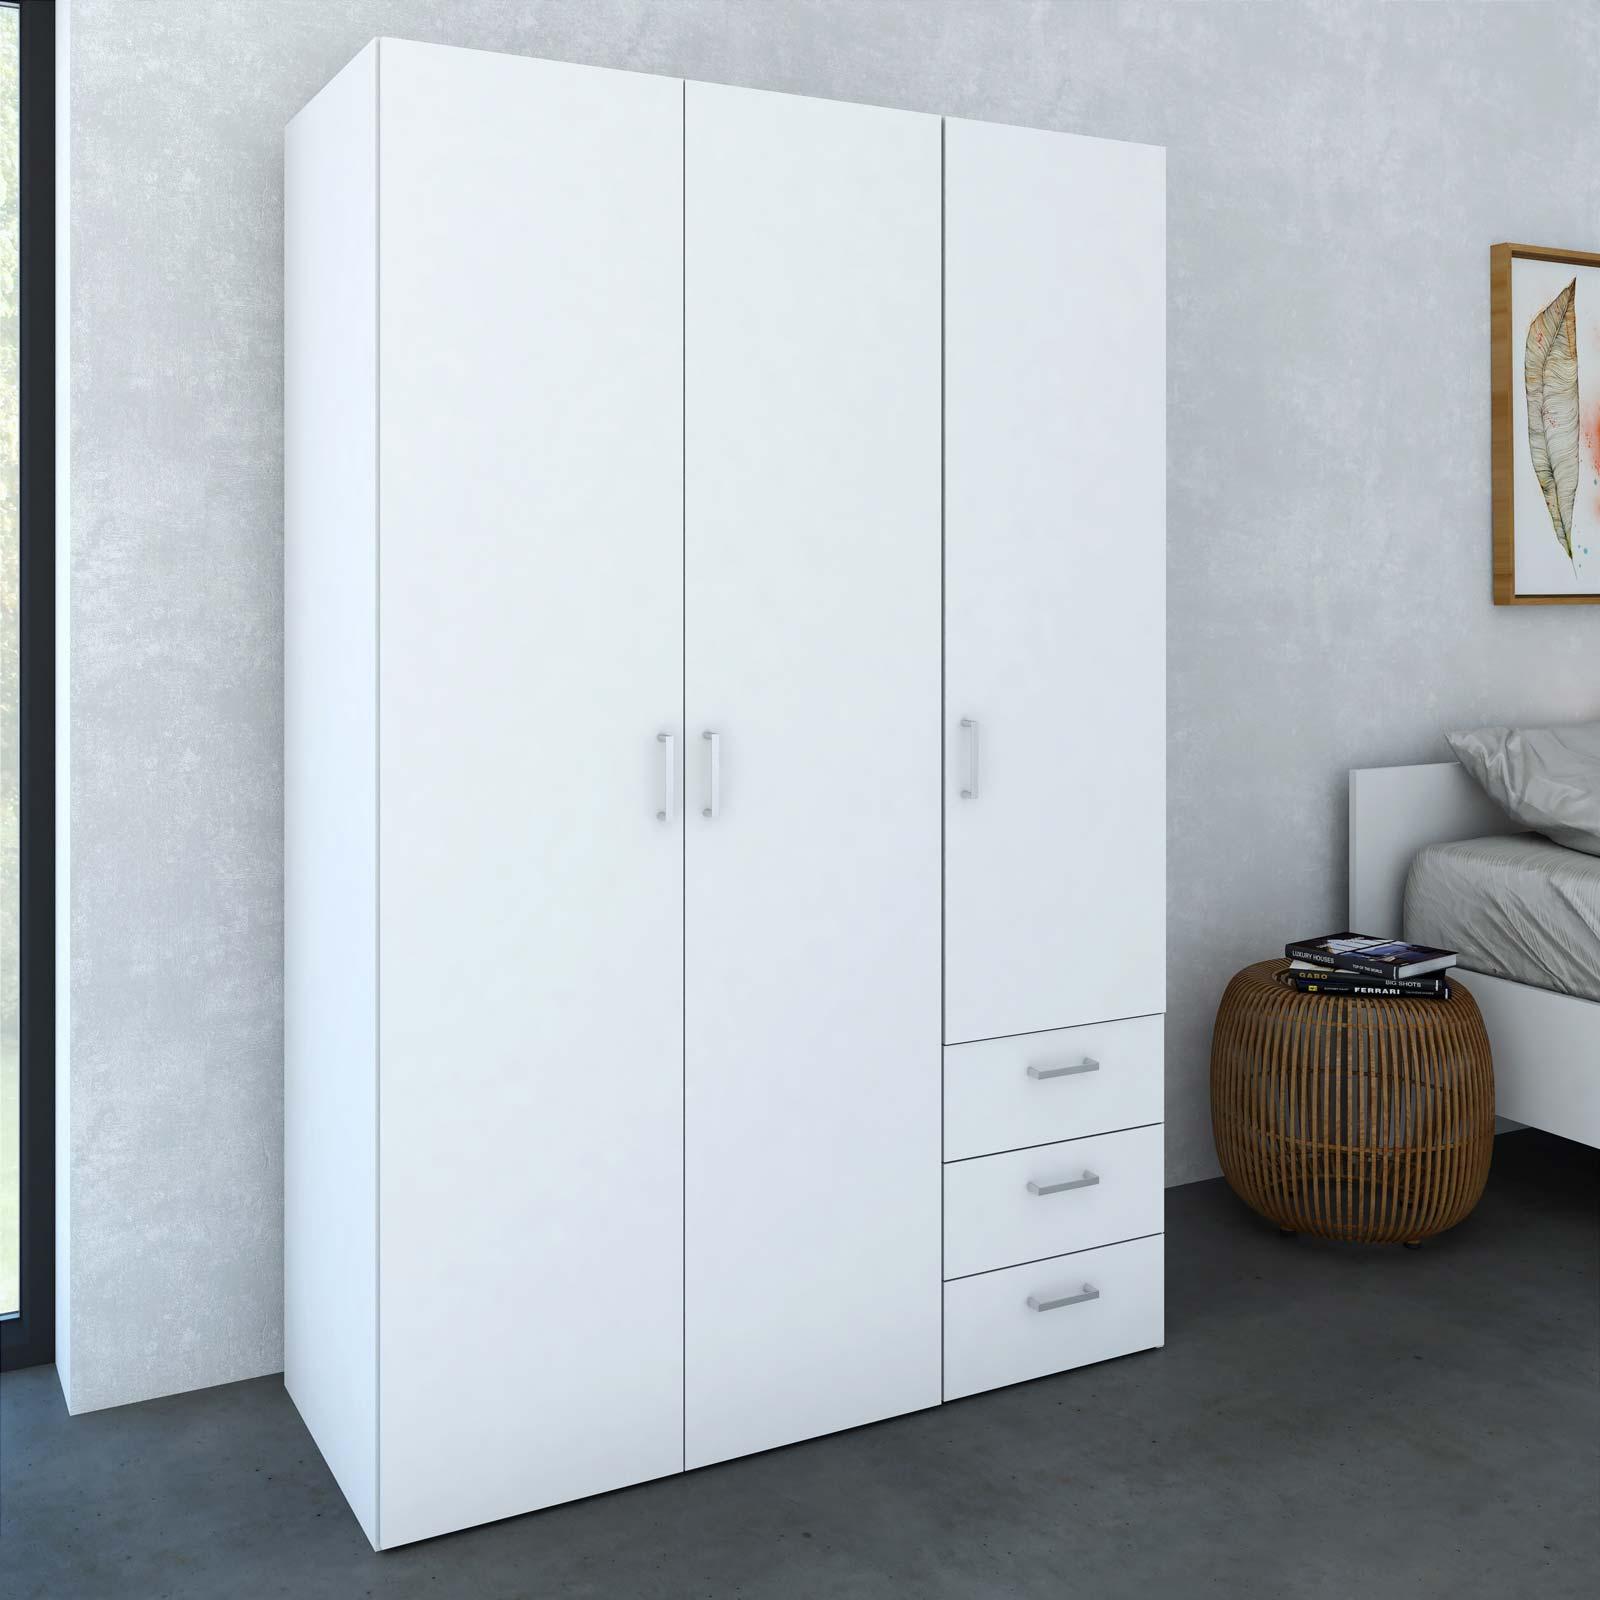 billig garderobeskab Bredt og billigt Space garderobeskab med 3 låger i hvid træ billig garderobeskab